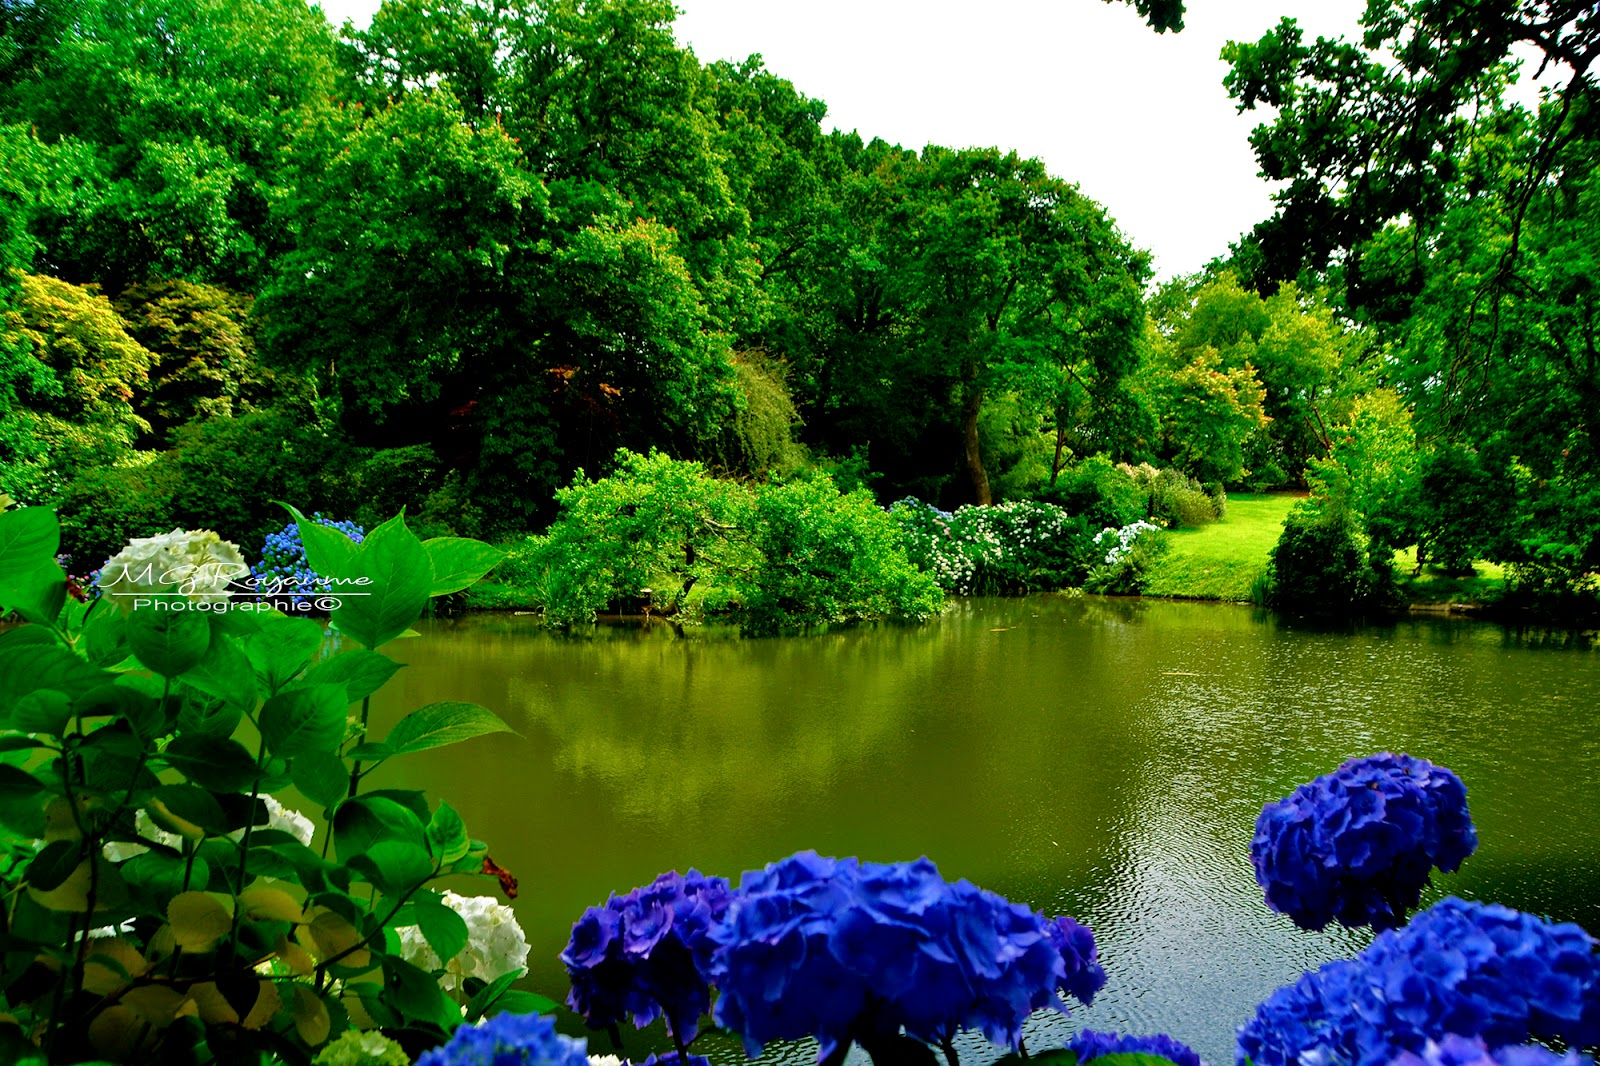 Mg royaume photos le jardin d 39 eden kerdalo dans les for Jardin kerdalo